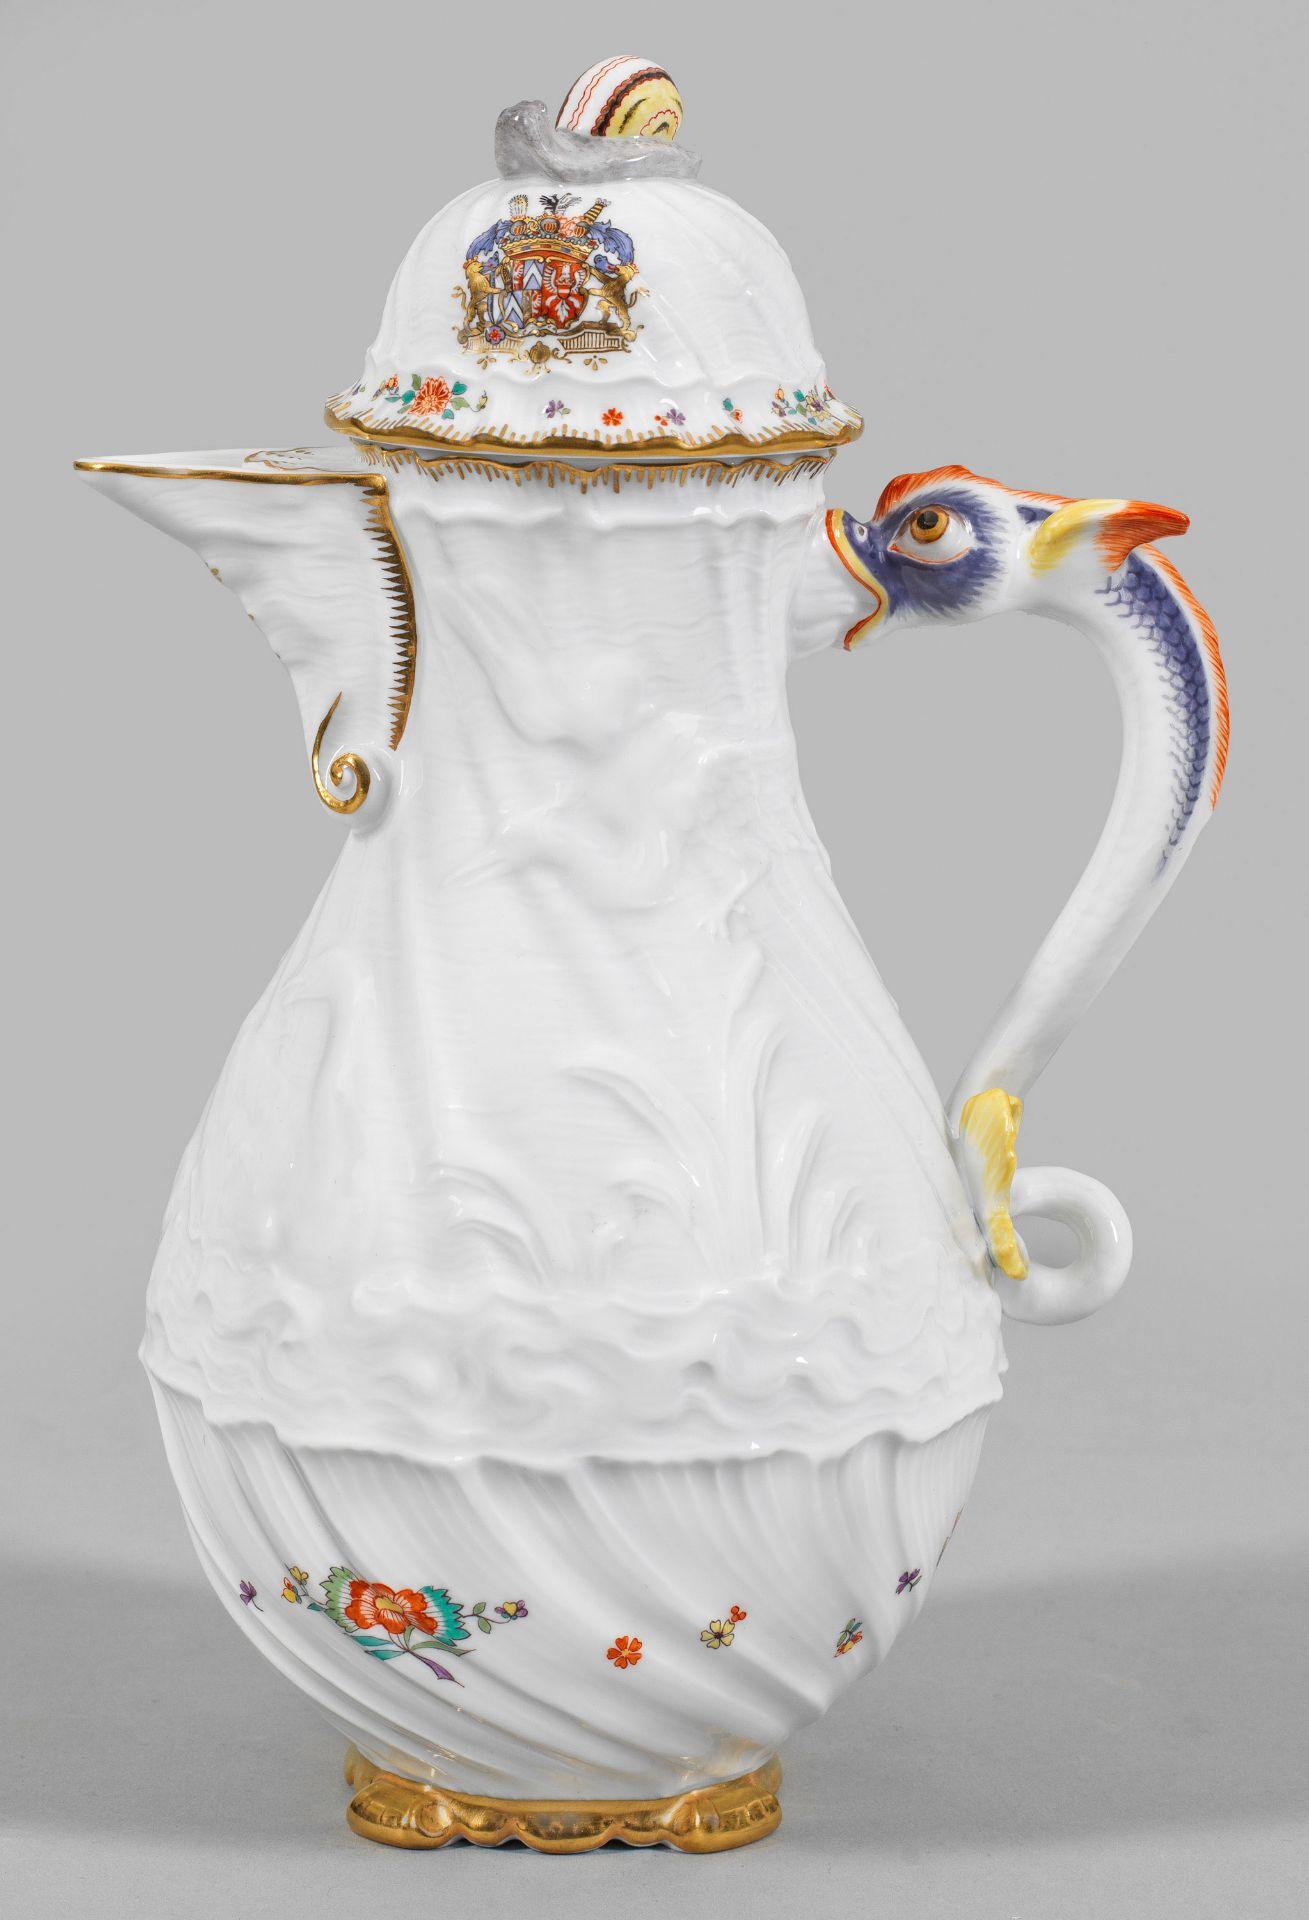 Kaffeekanne mit Schwanenservice-Dekor